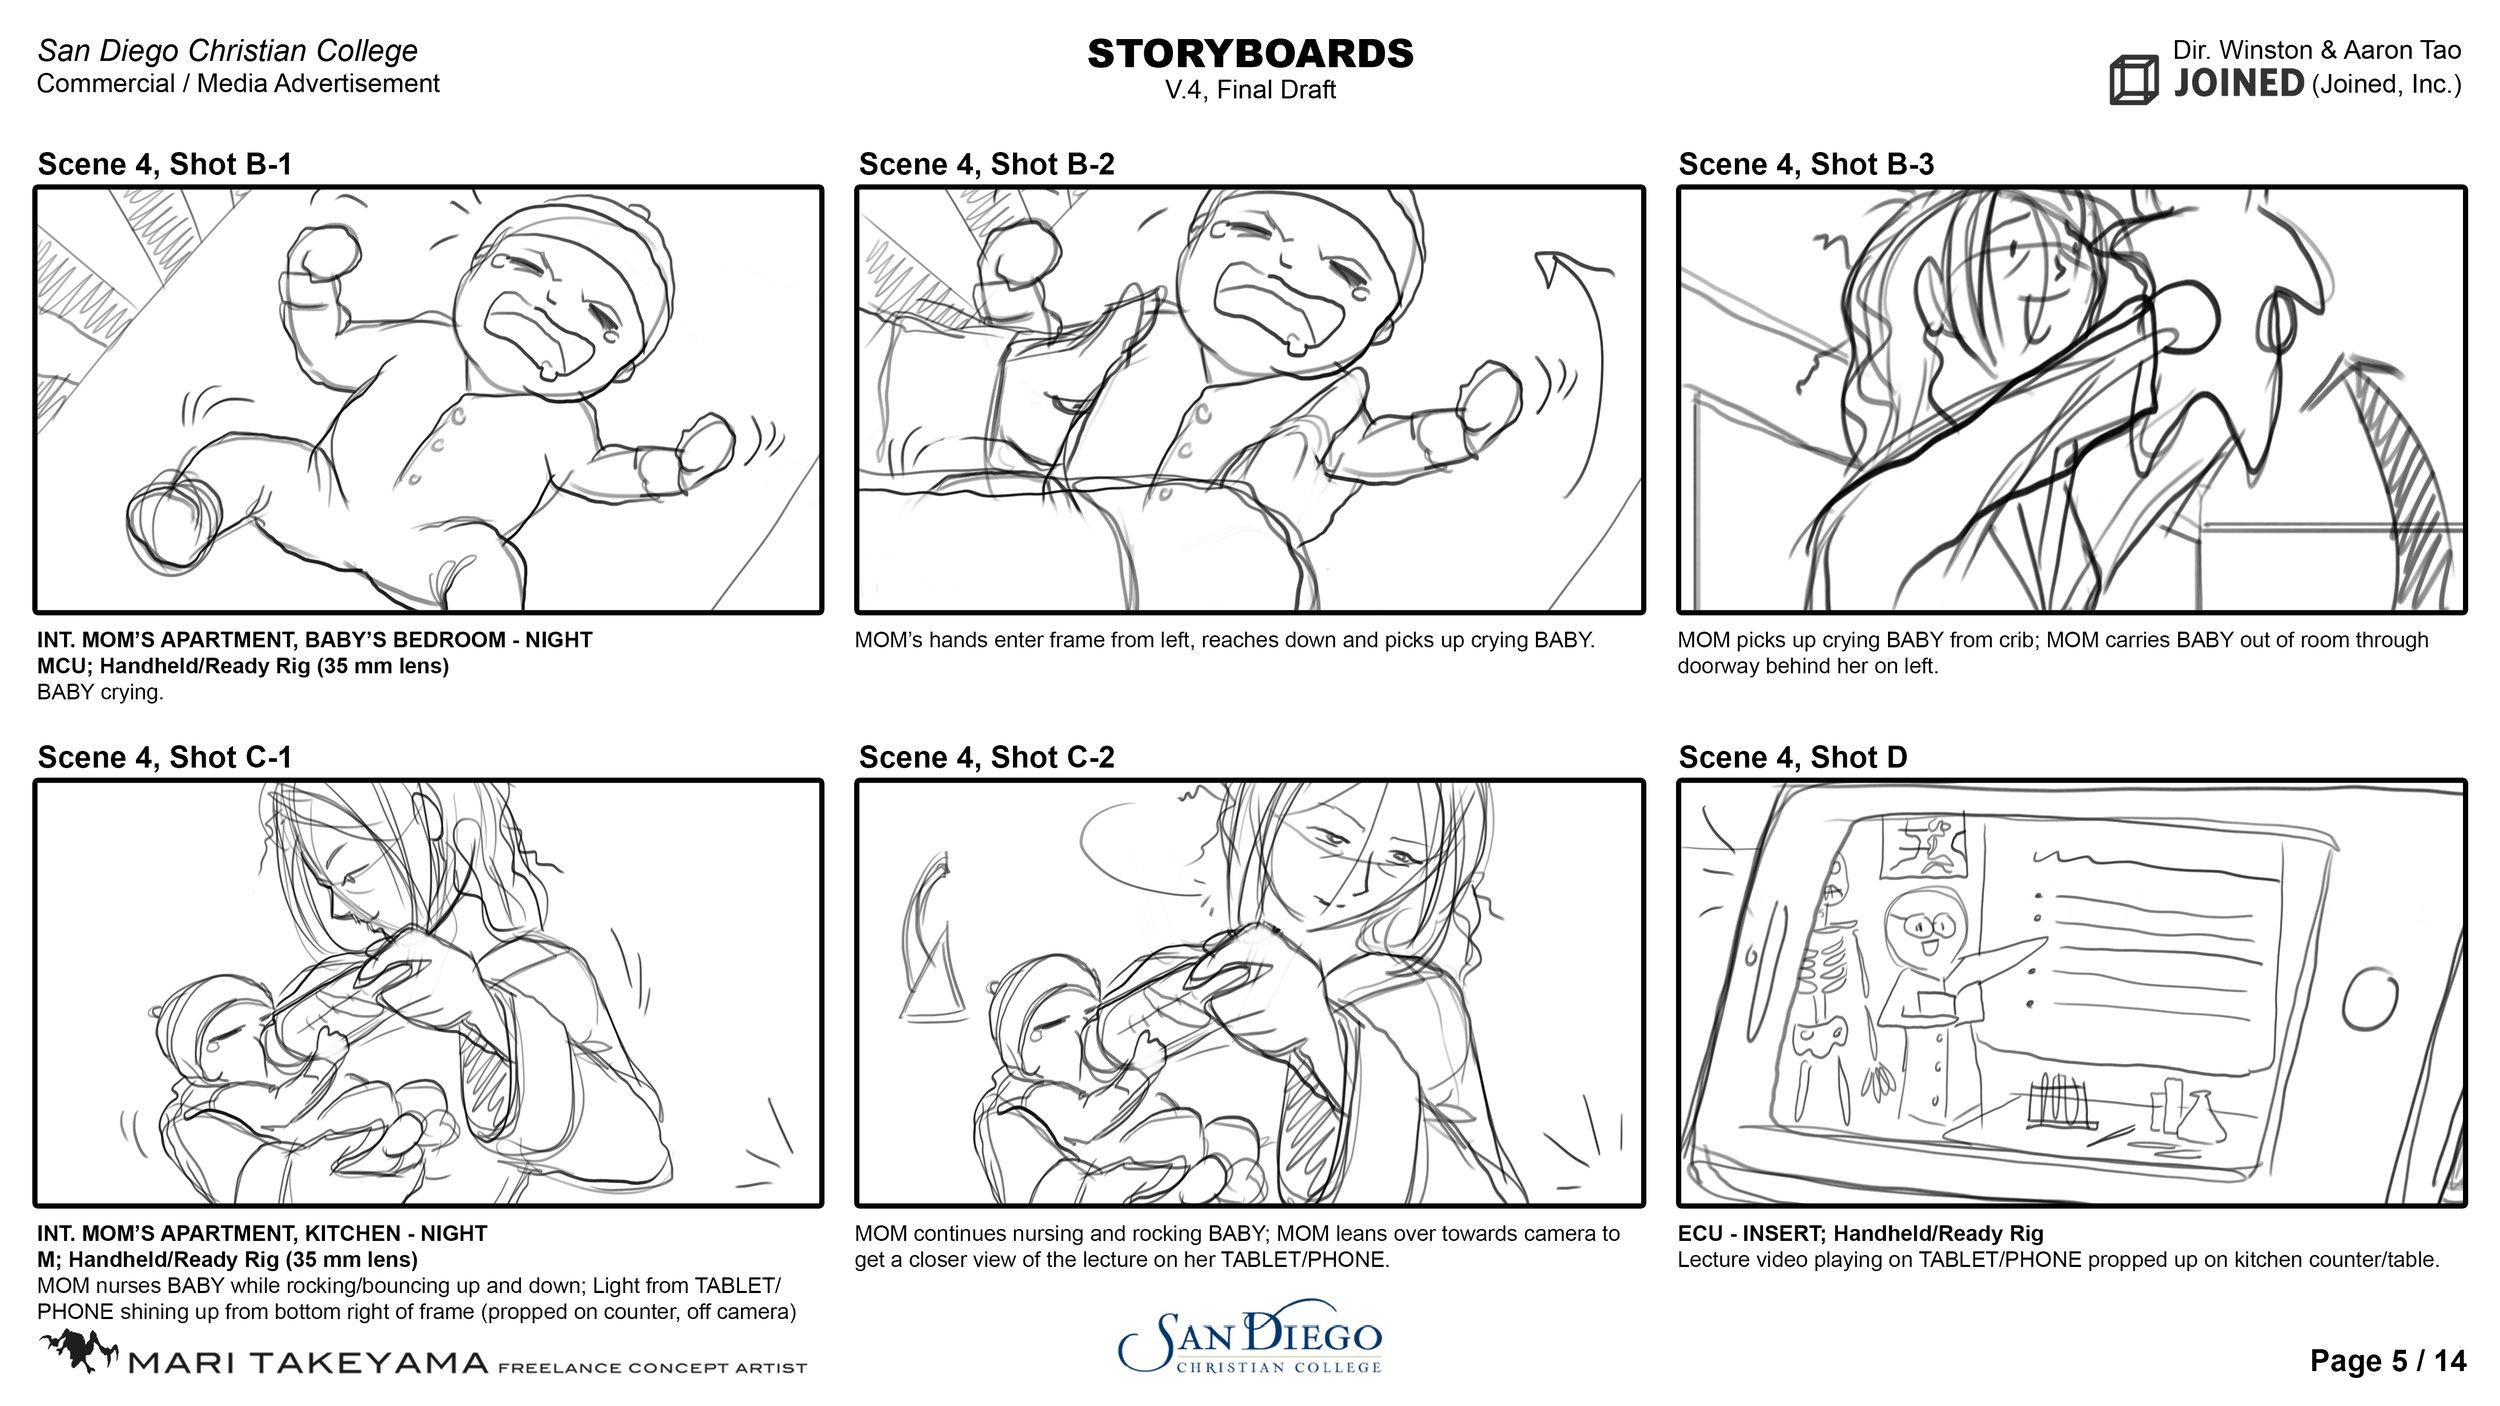 SDCC_Storyboards_FinalDraft_08.jpg